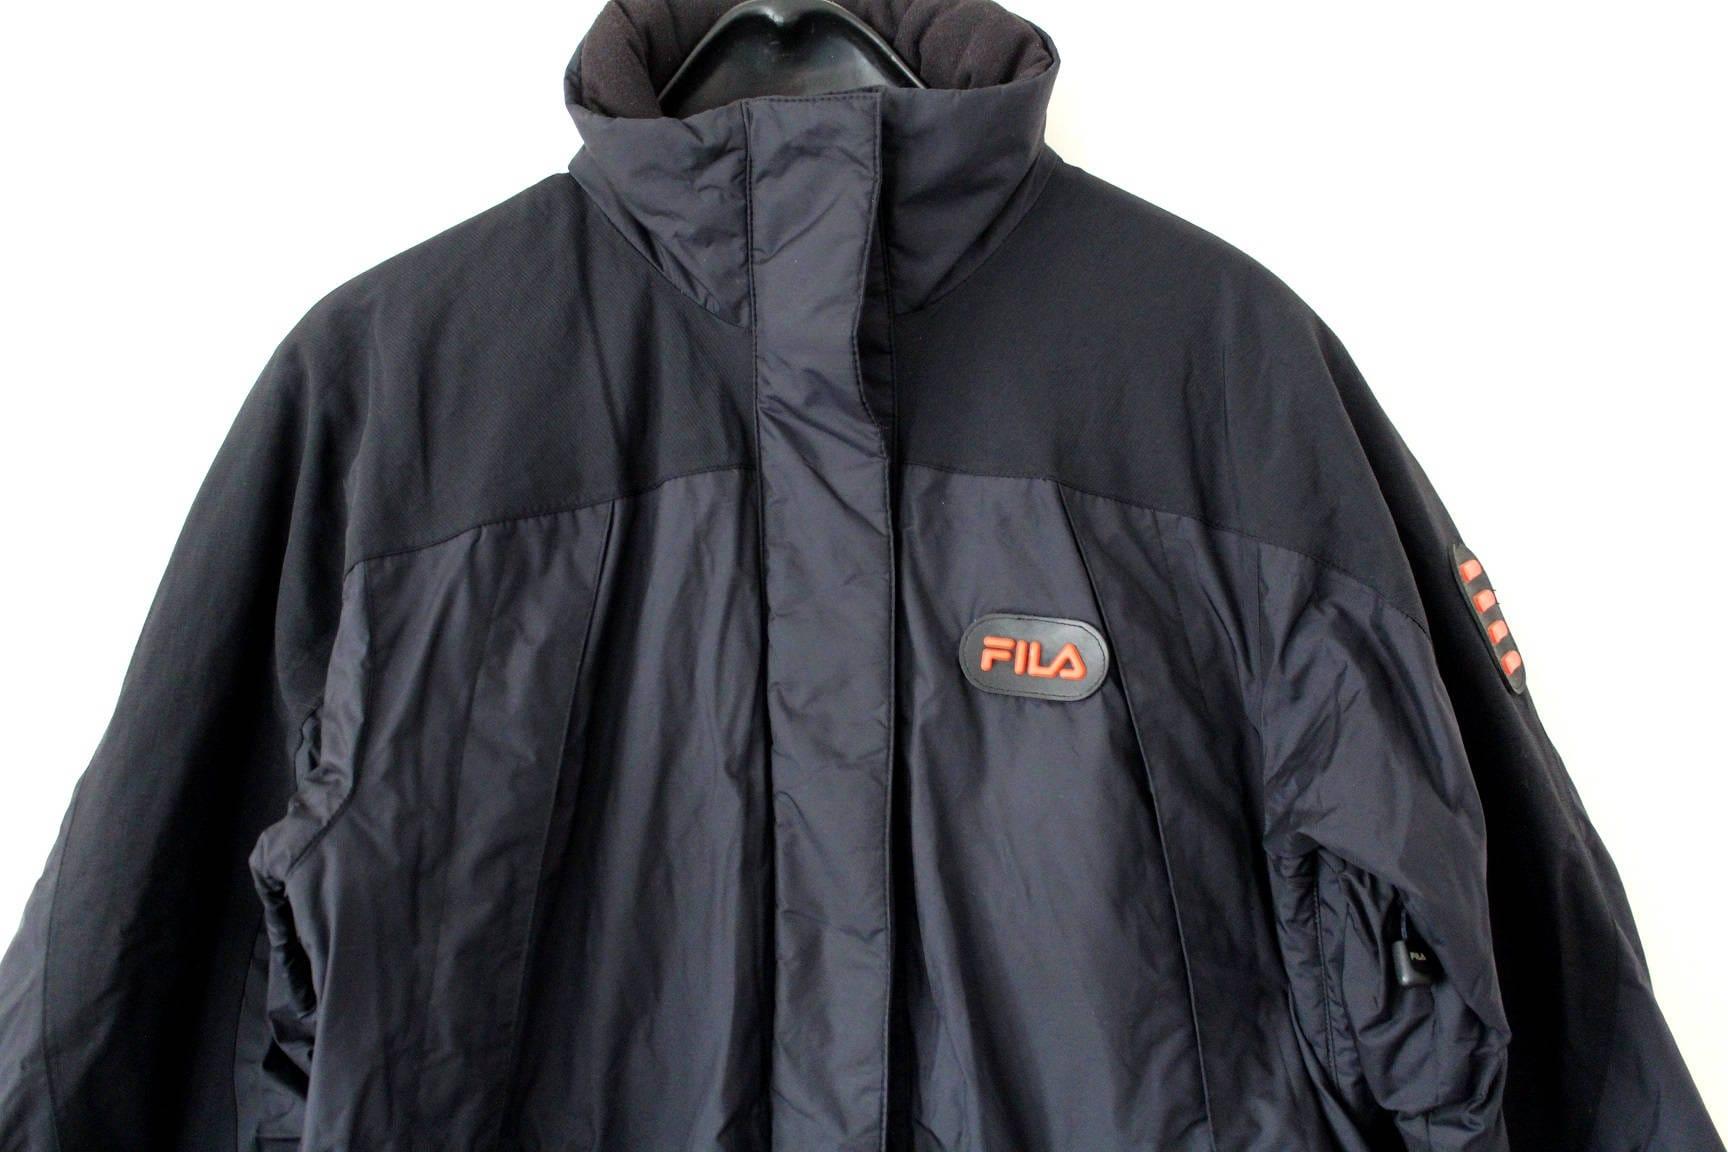 0a0d3c509162 90 S Fila Jacket Vintage Fila Puffer Black Fila Parka Jacket Retro Winter  Fila Windbreaker Hooded Small Fila Coat Hip Hop Streetwear